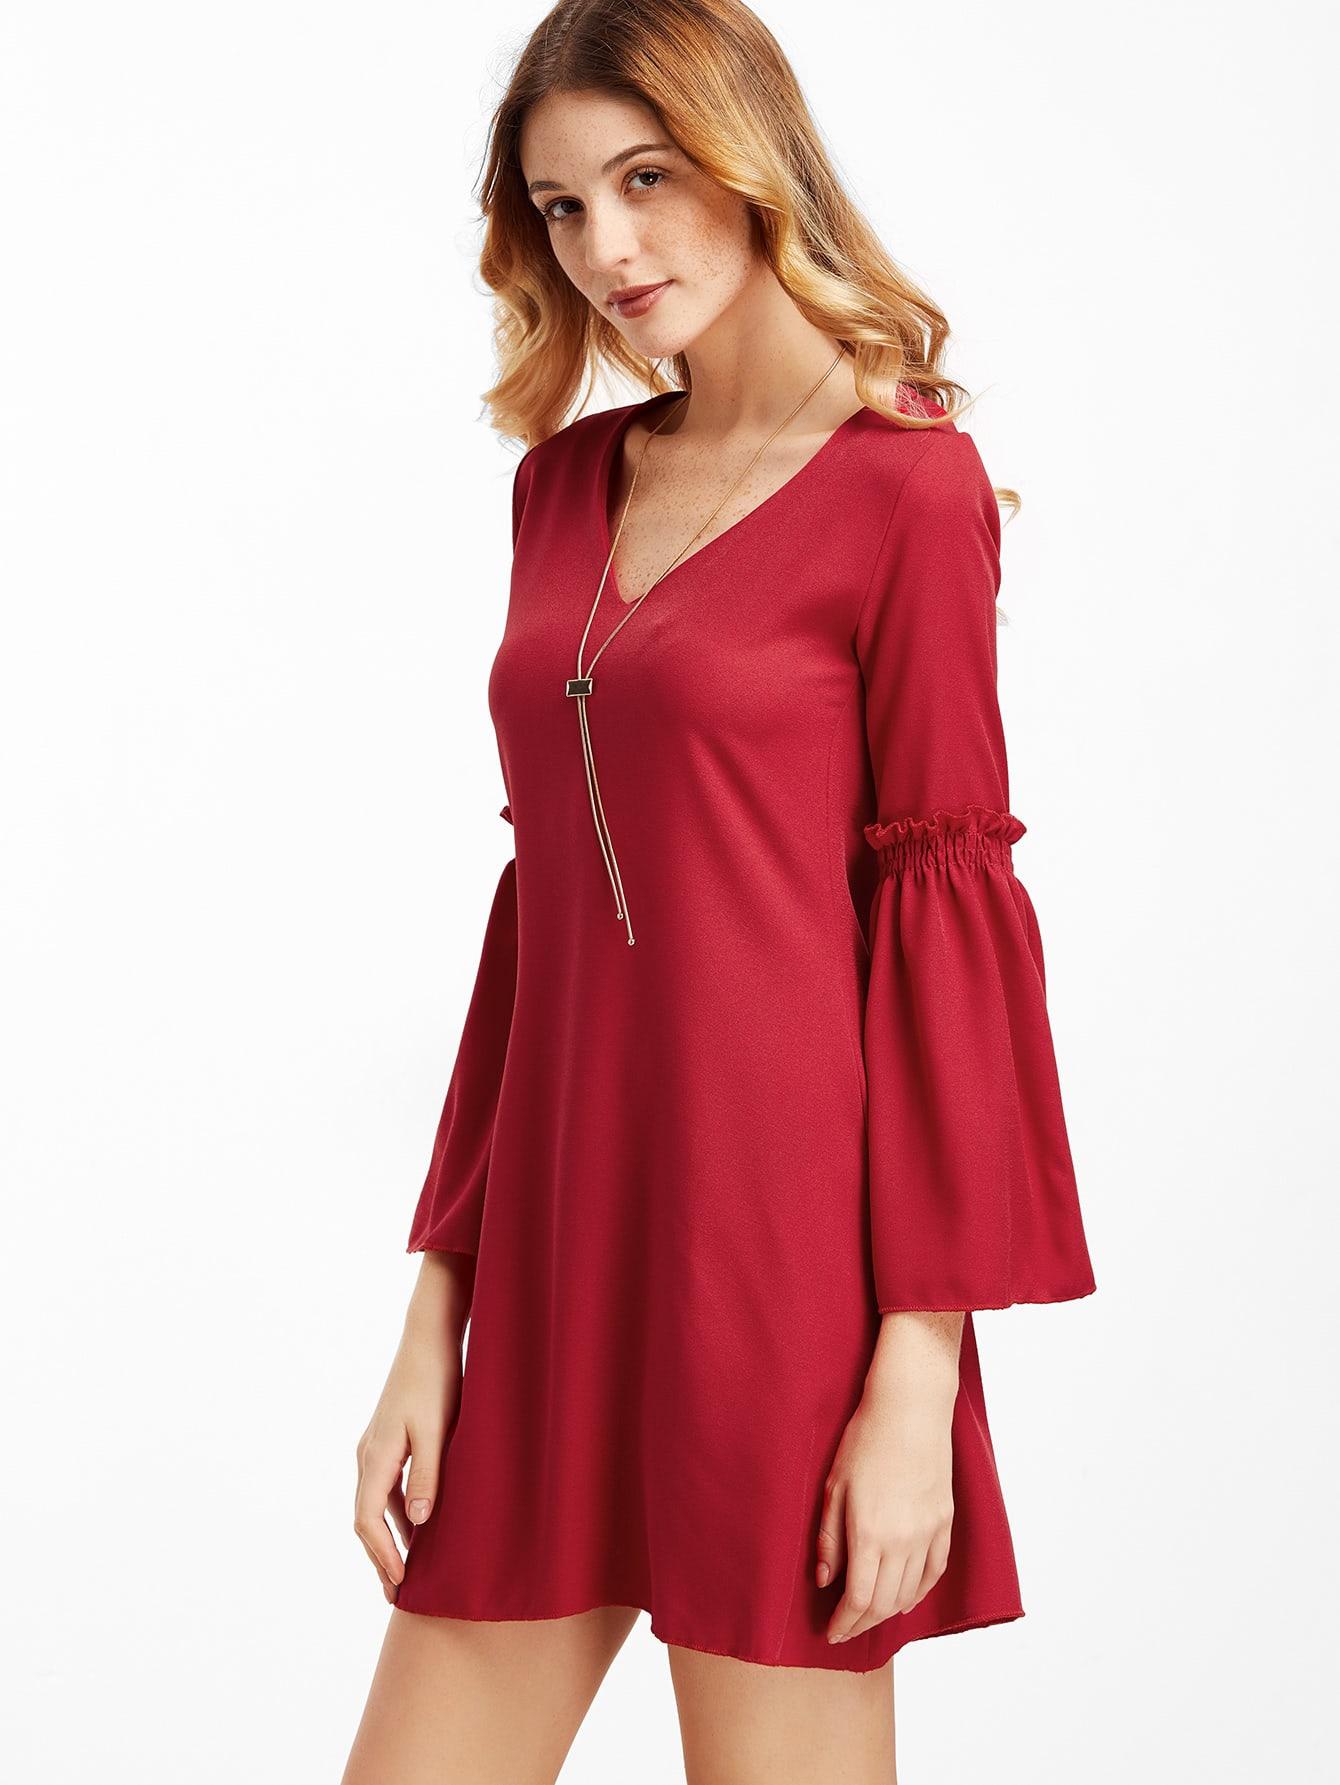 dress161006102_2